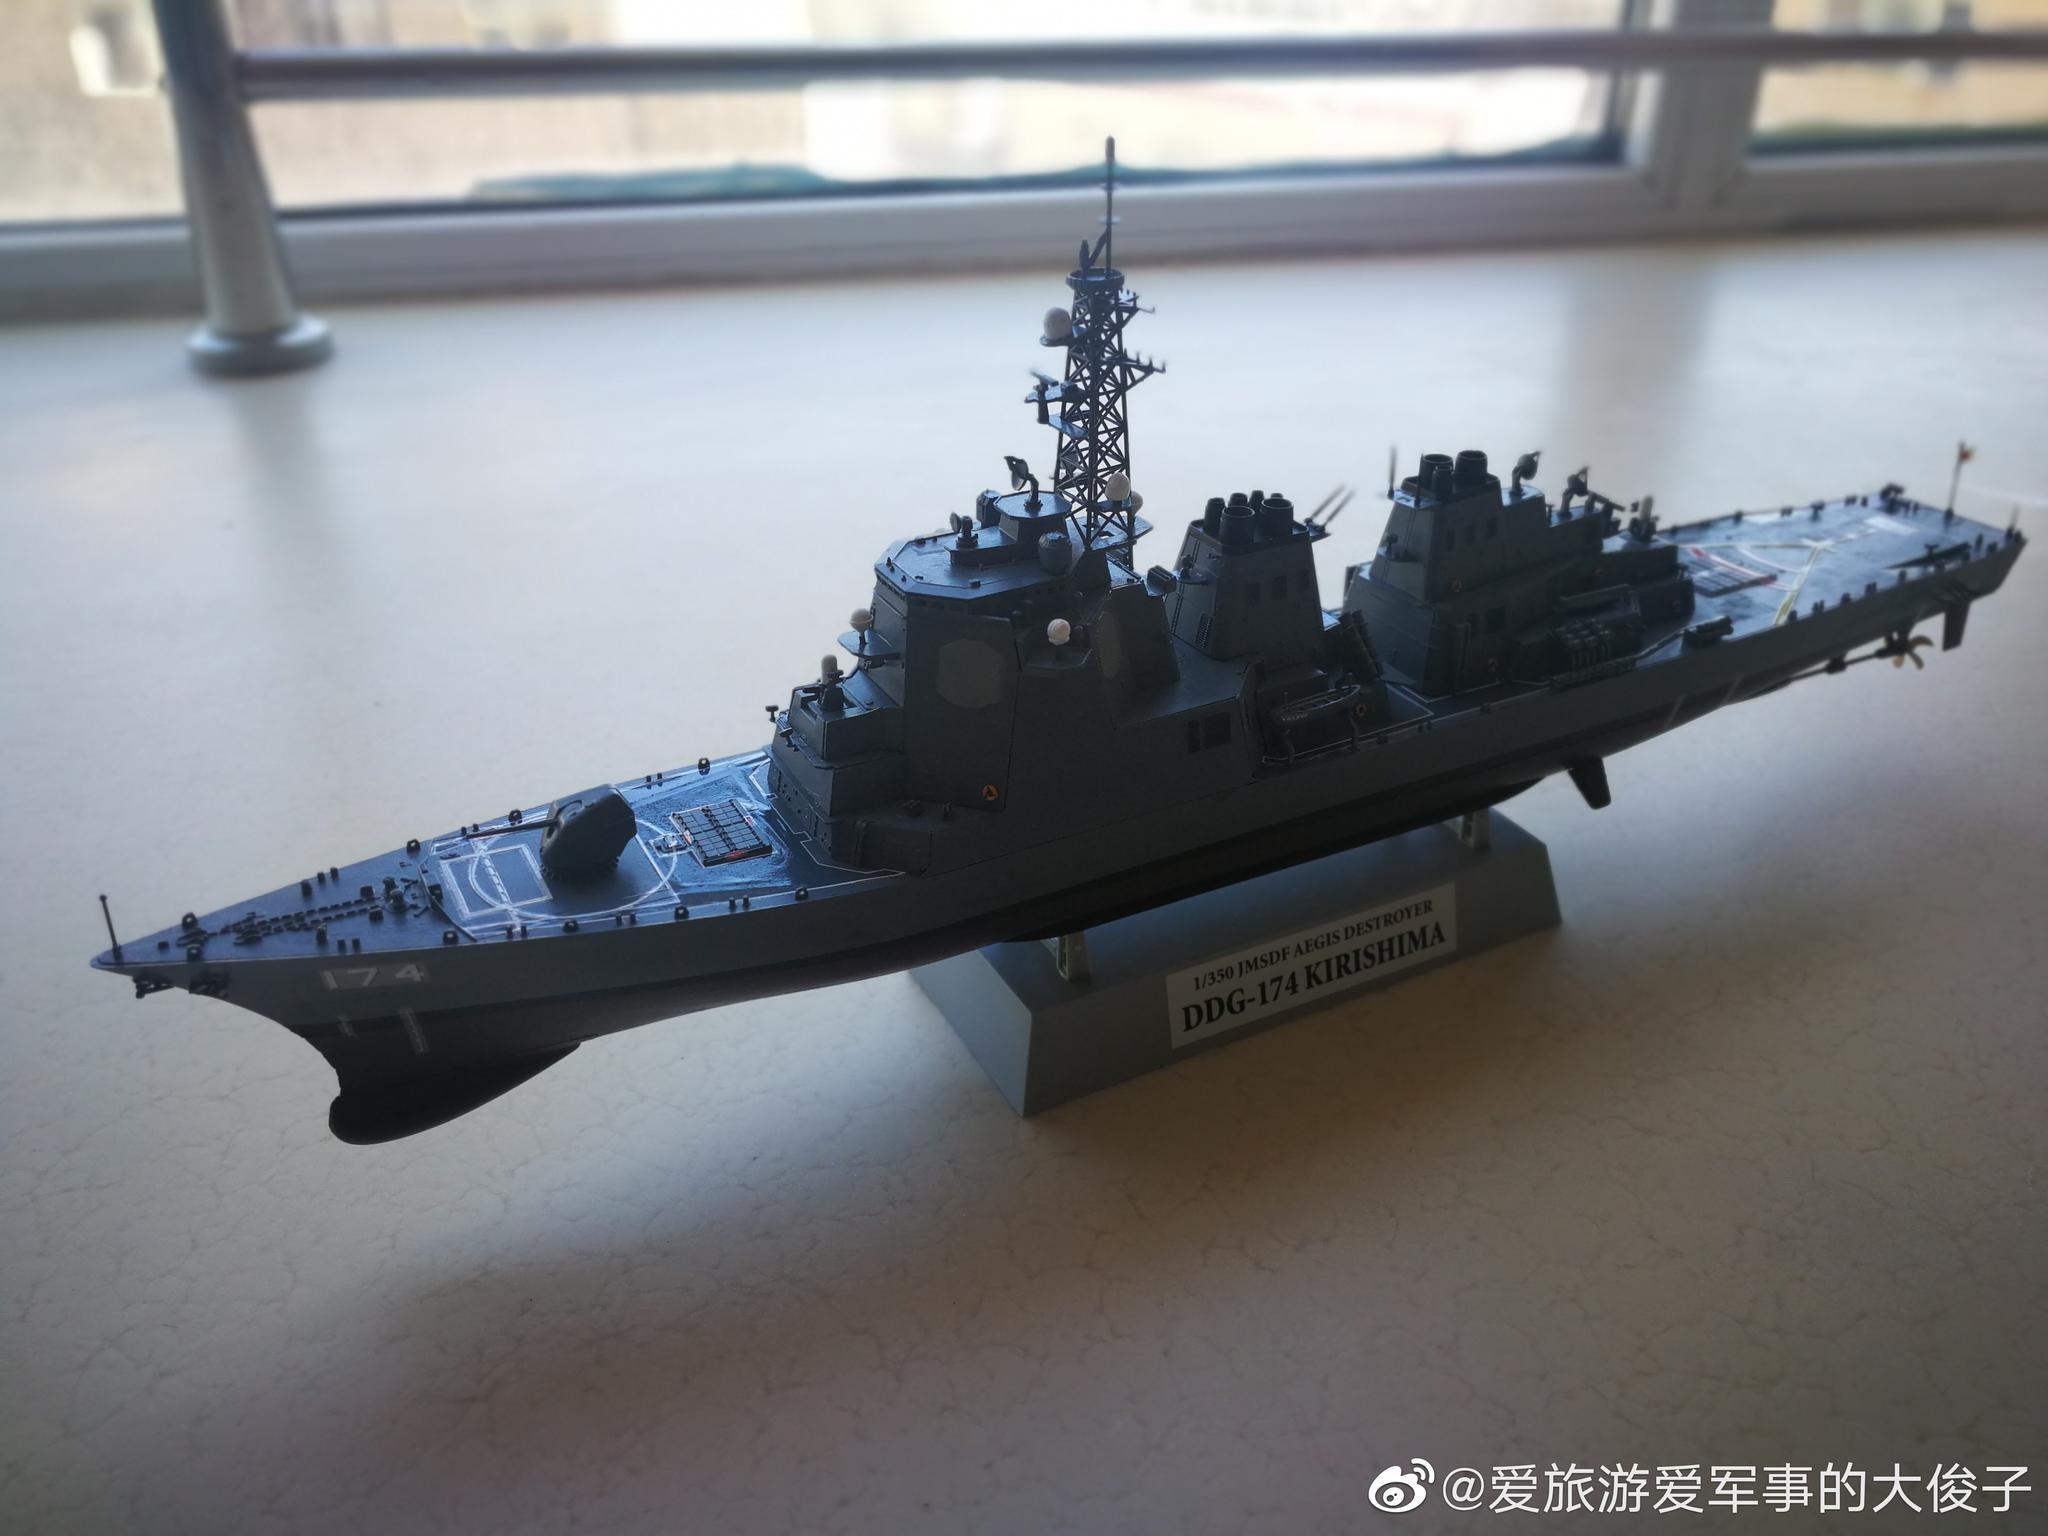 1/350的金刚级宙斯盾驱逐舰DDG-174雾岛舰入列日本海上自卫队